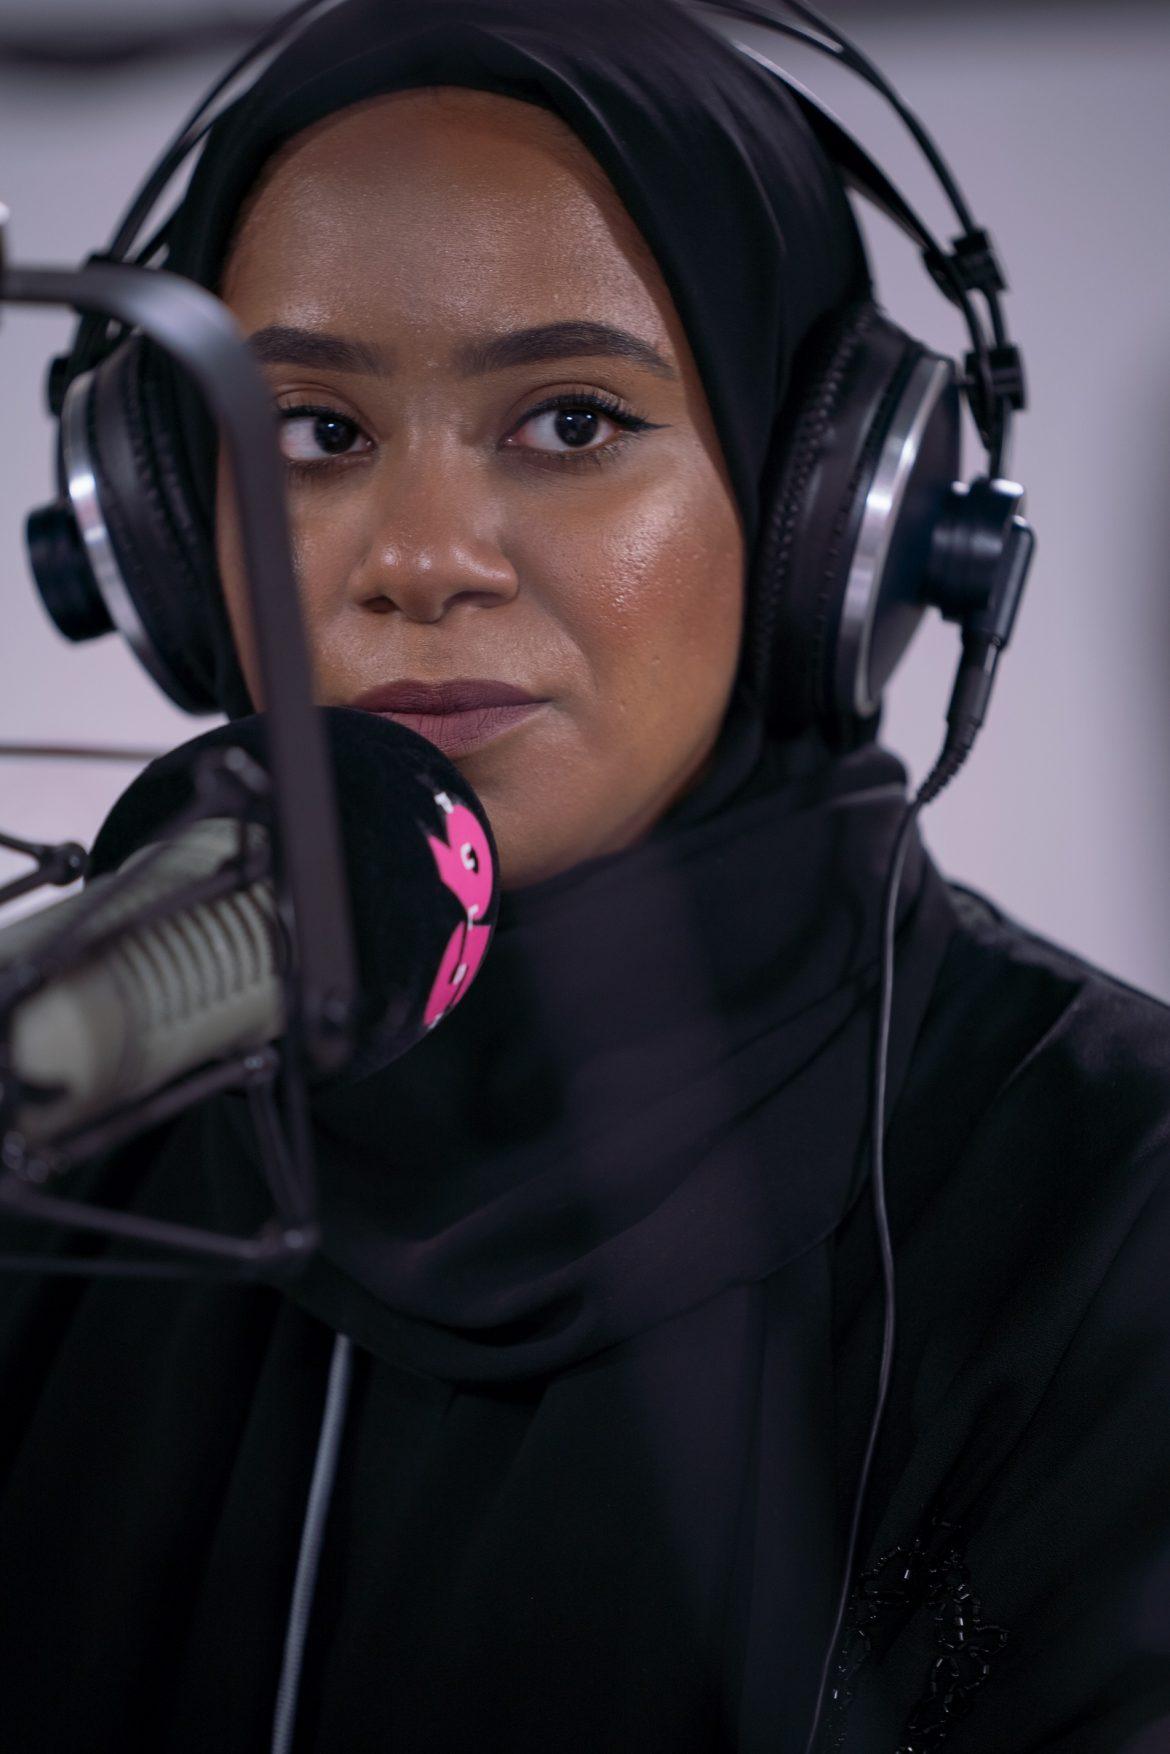 المذيعة الإماراتية عائشة المازمي